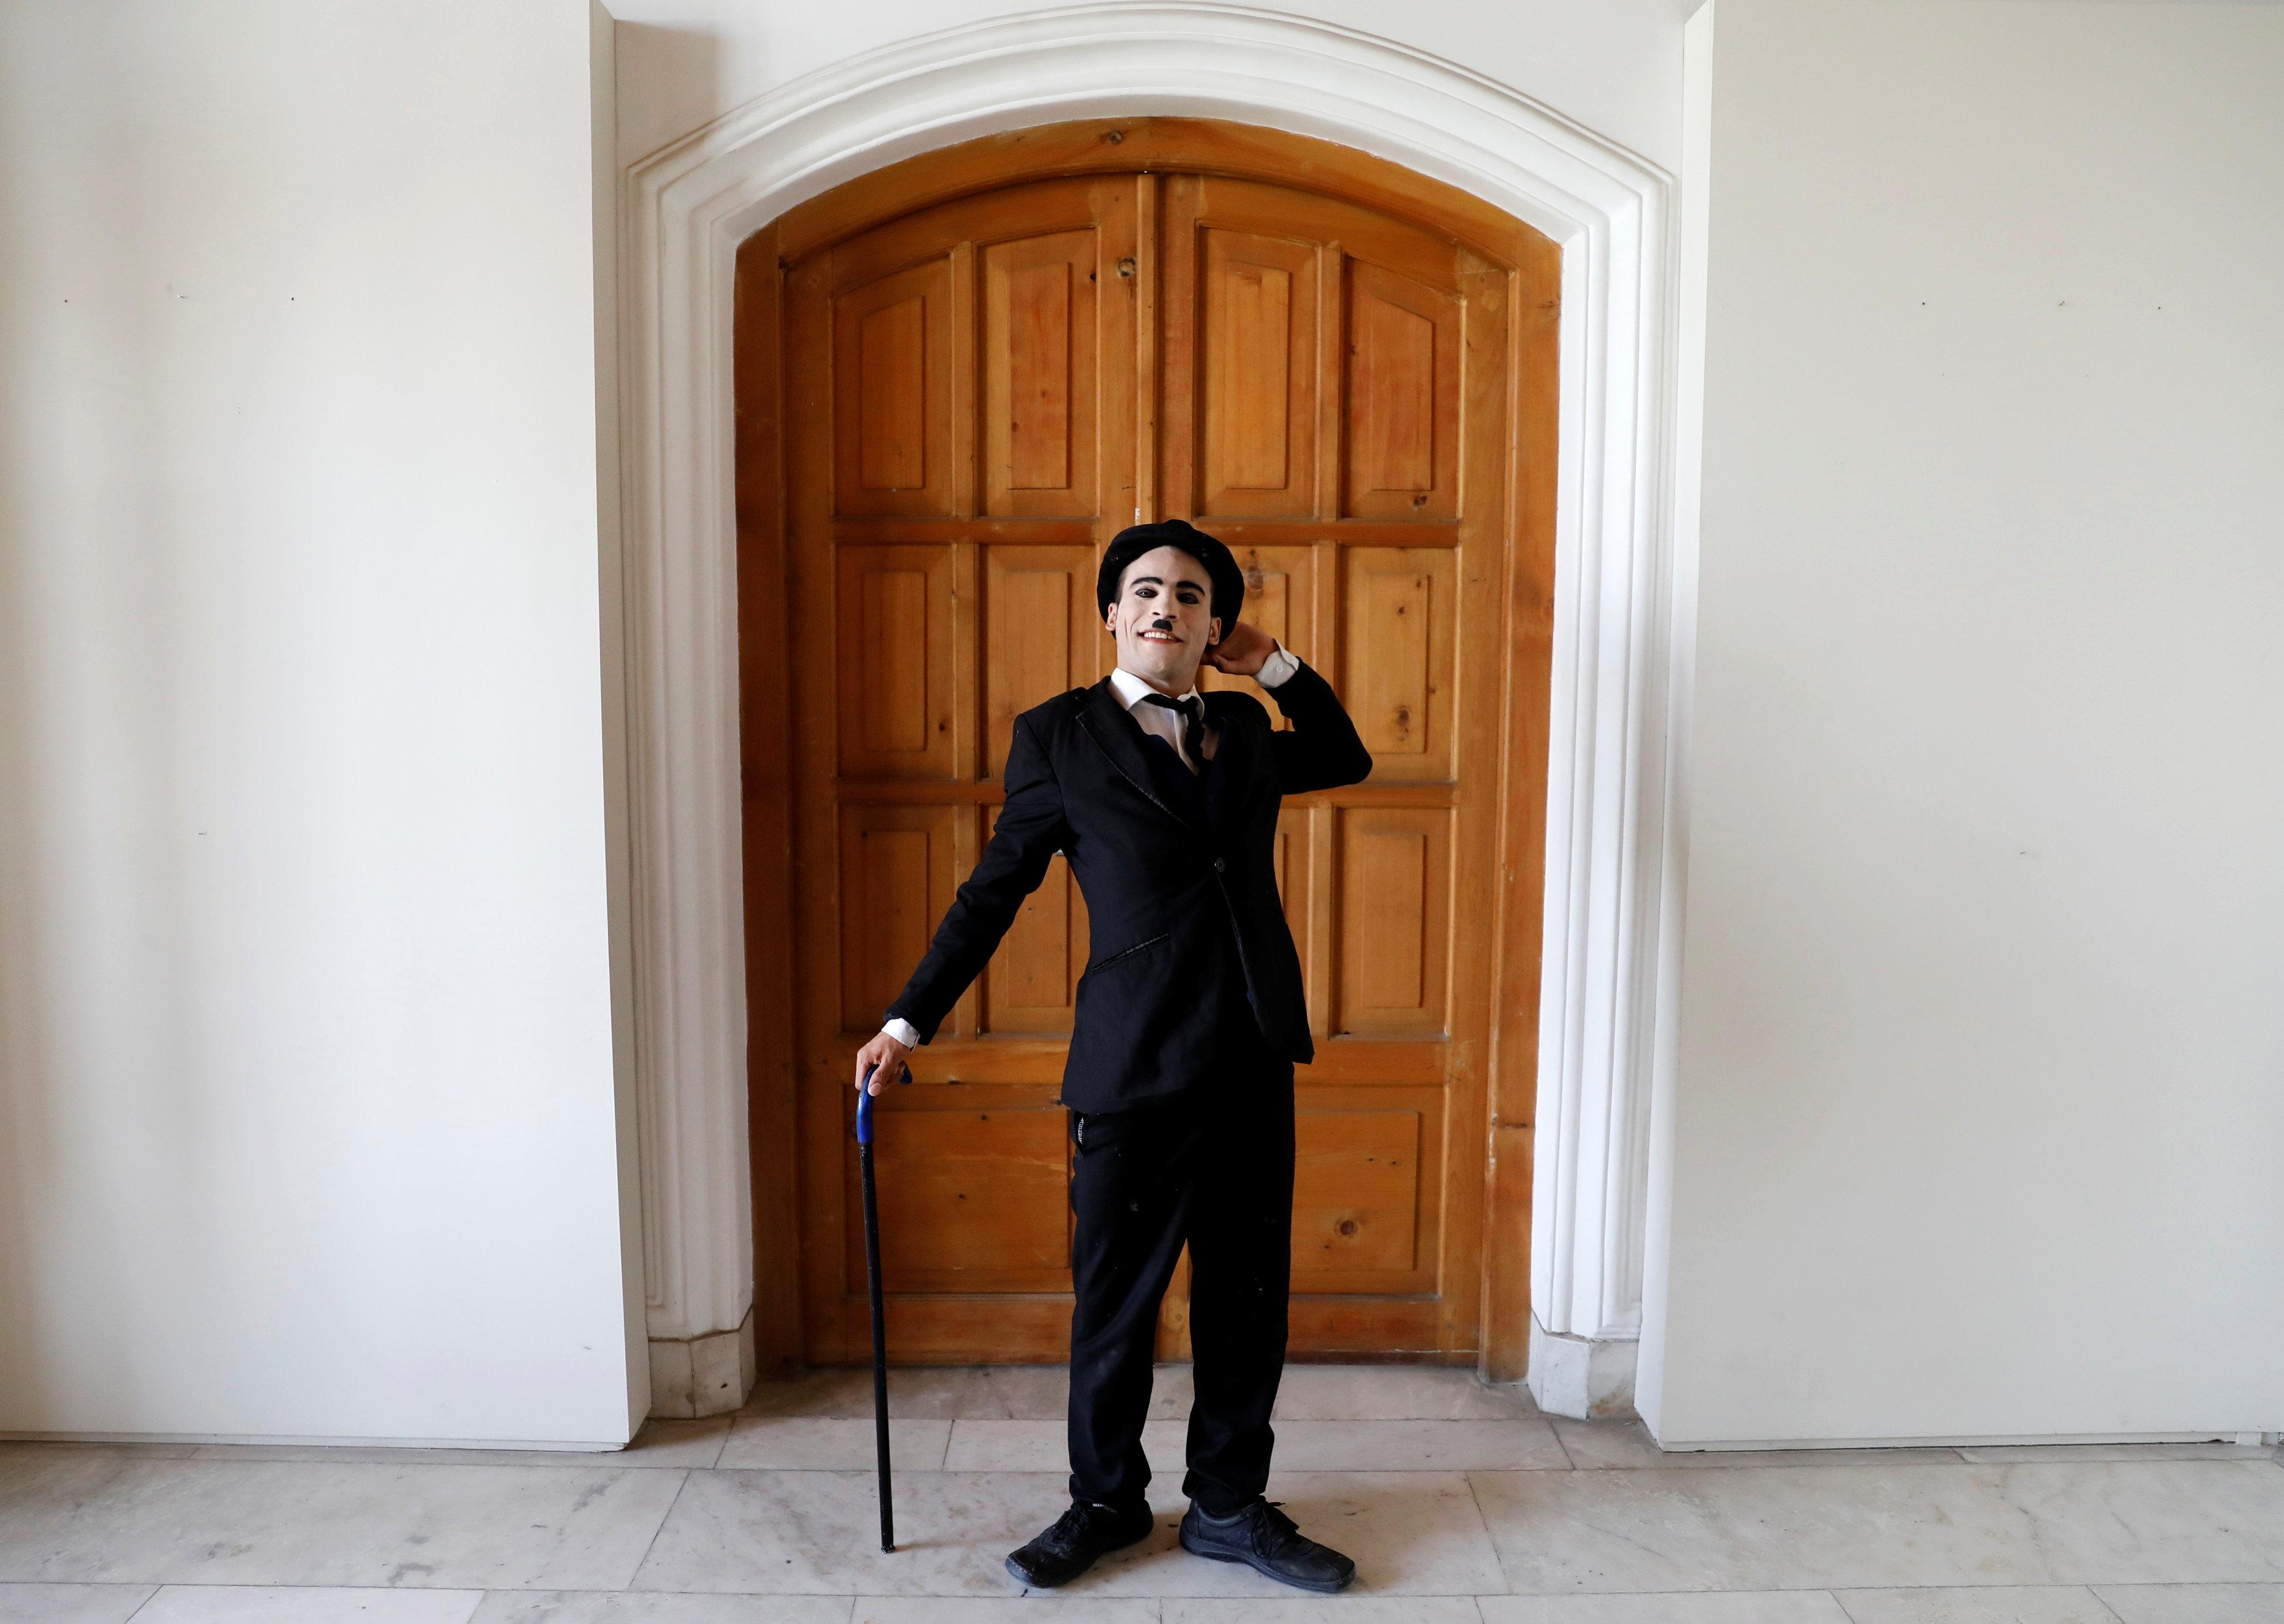 الفنان الأفغانى لا يأبه بتهديدات المتطرفين